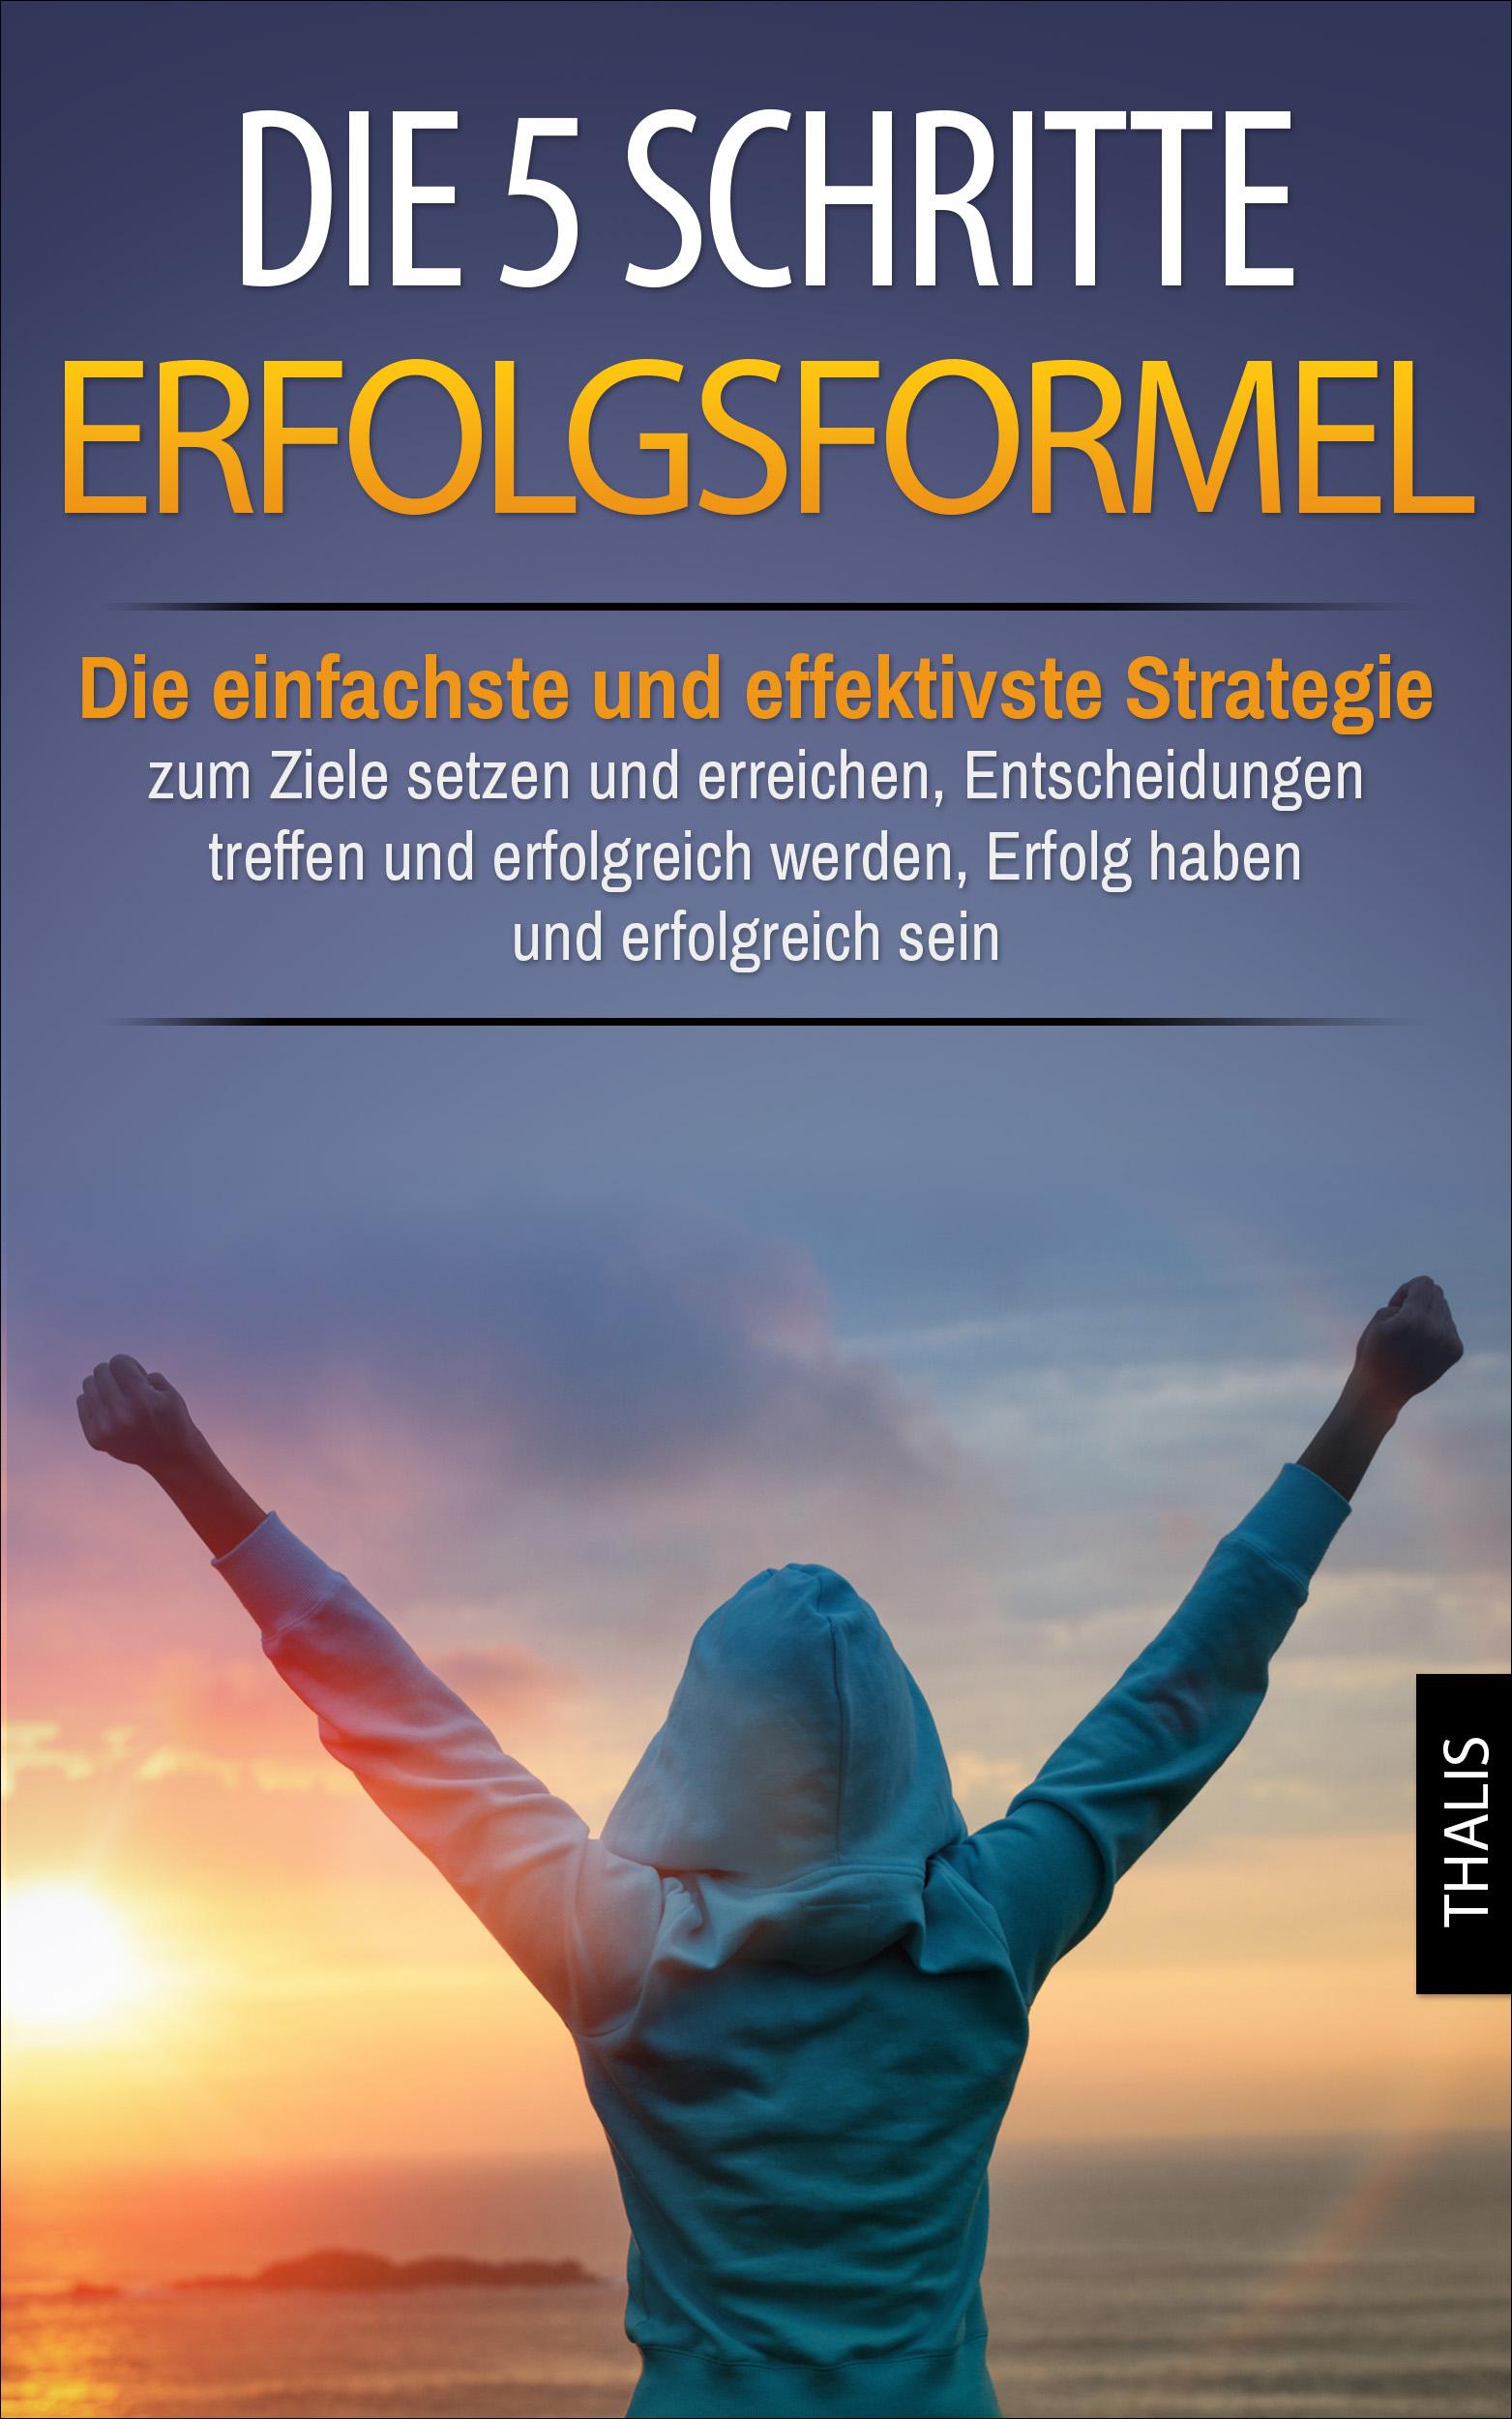 Michael Frank – Die 5 Schritte Erfolgsformel